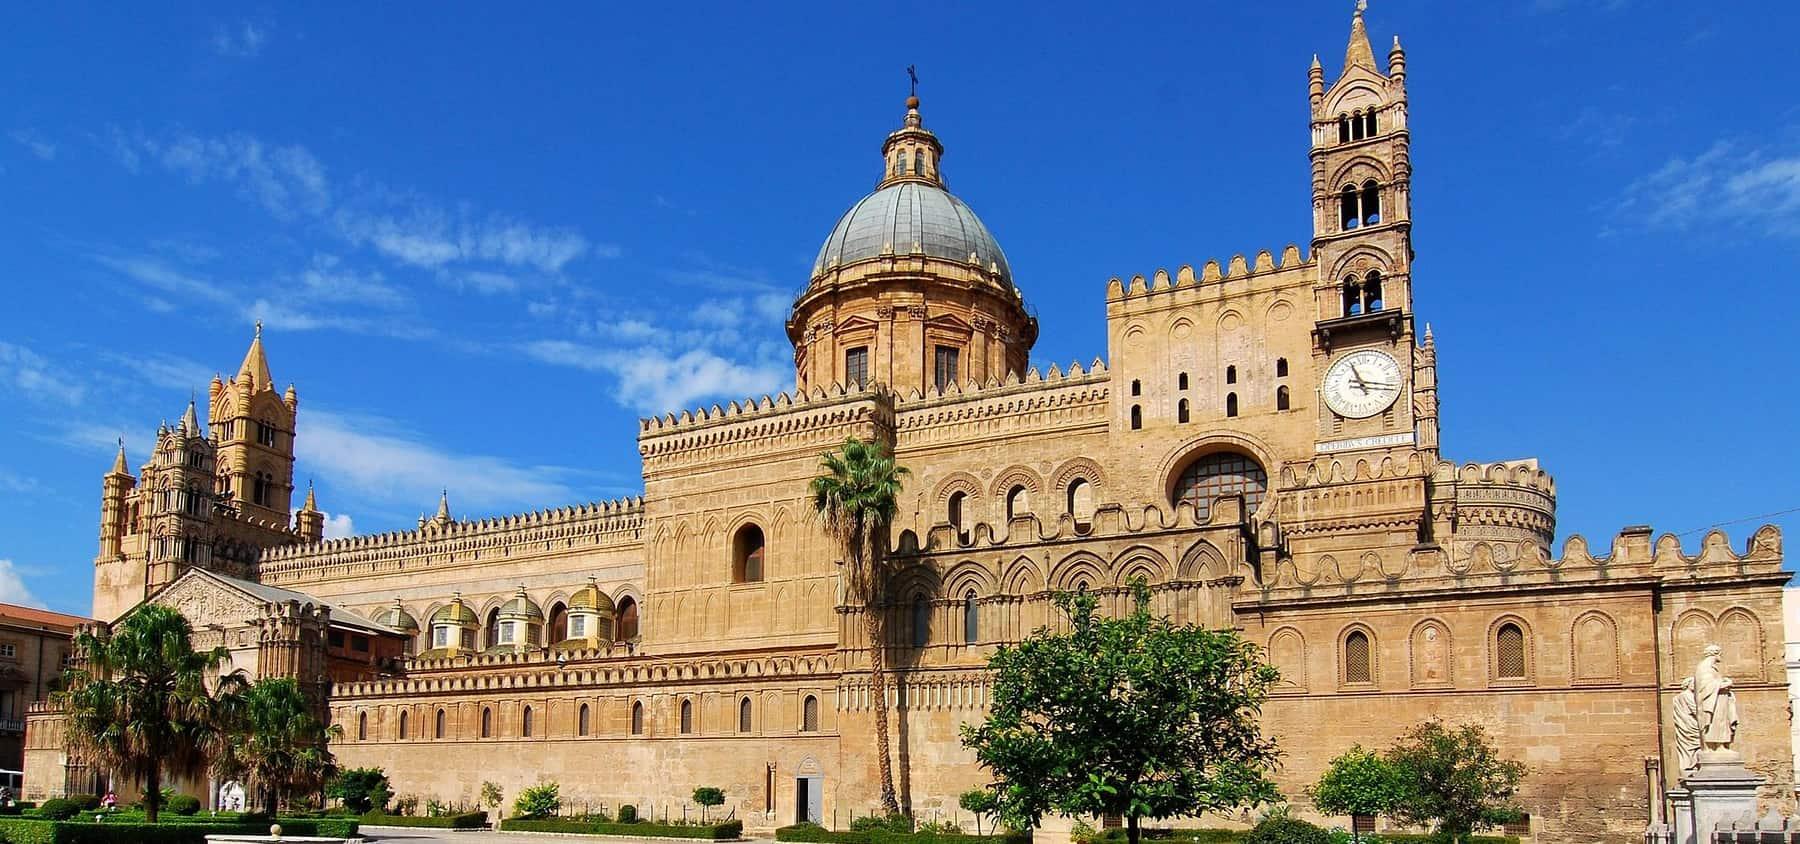 immagineper Speciale capodanno – Mini tour Sicilia 5 giorni da Palermo